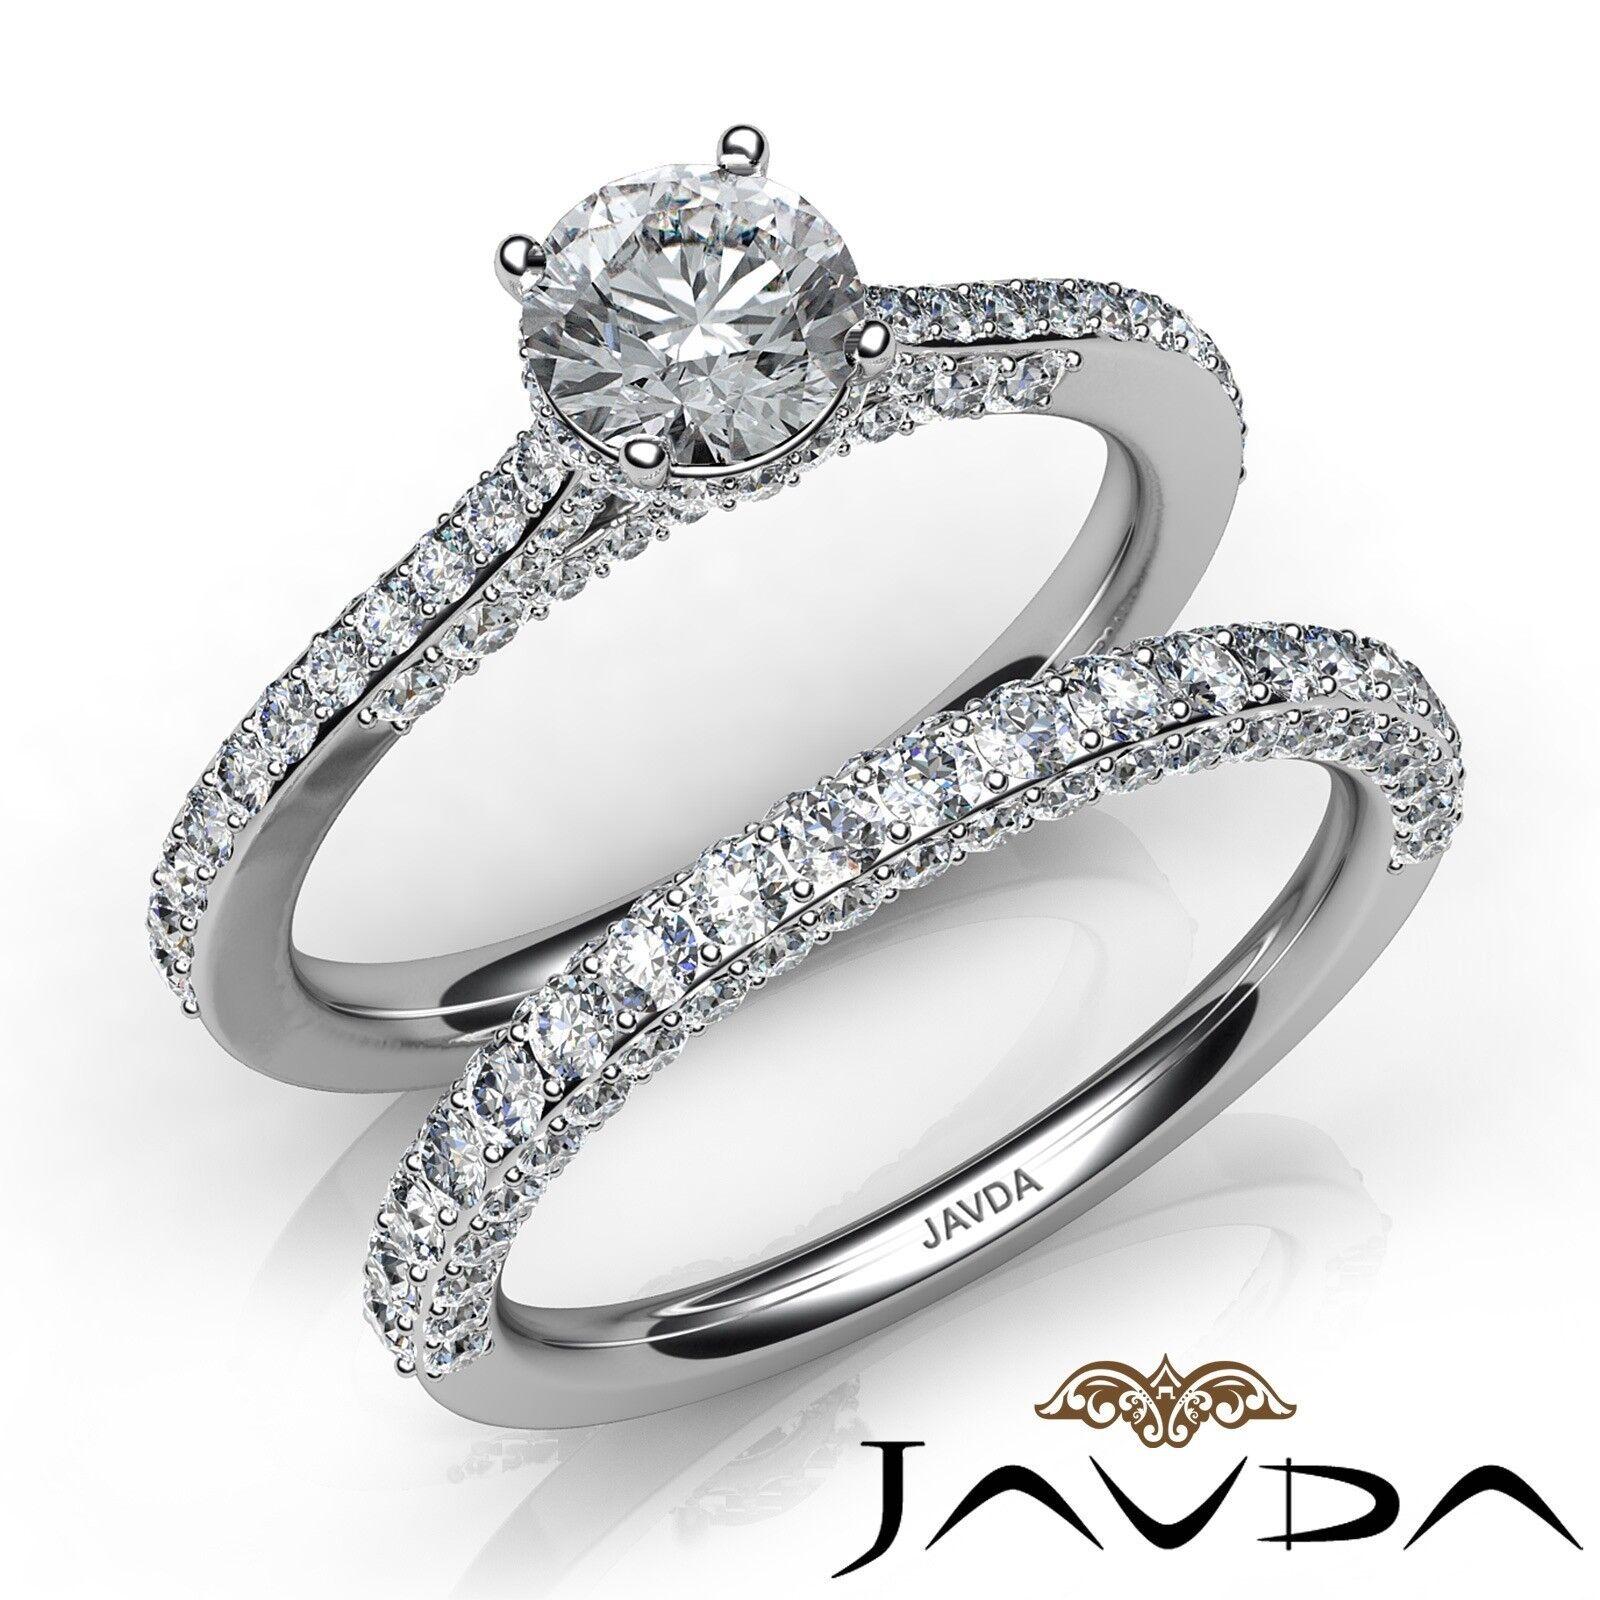 2.15ctw Circa Halo Bridal Set Round Diamond Engagement Ring GIA F-VS2 White Gold